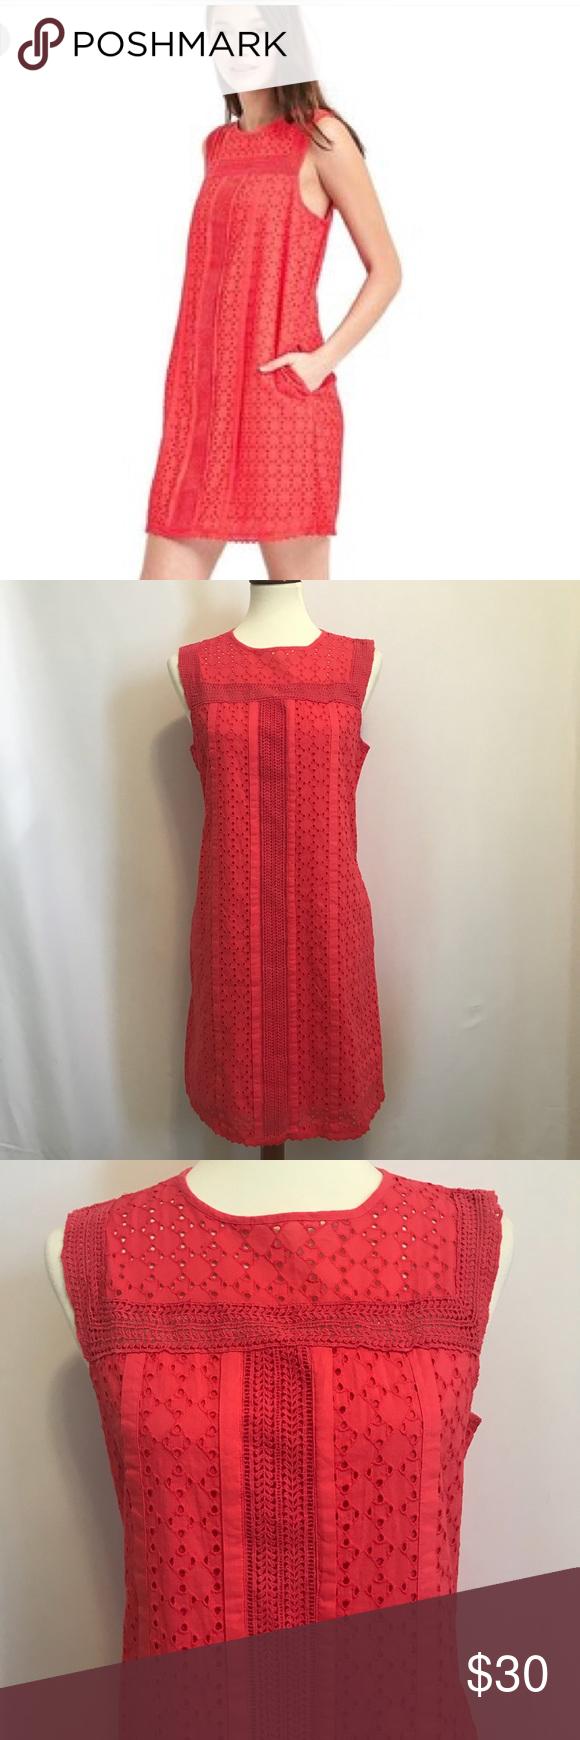 Gap Coral Lace Eyelet Shift Dress Clothes Design Lace Weave Coral Lace [ 1740 x 580 Pixel ]